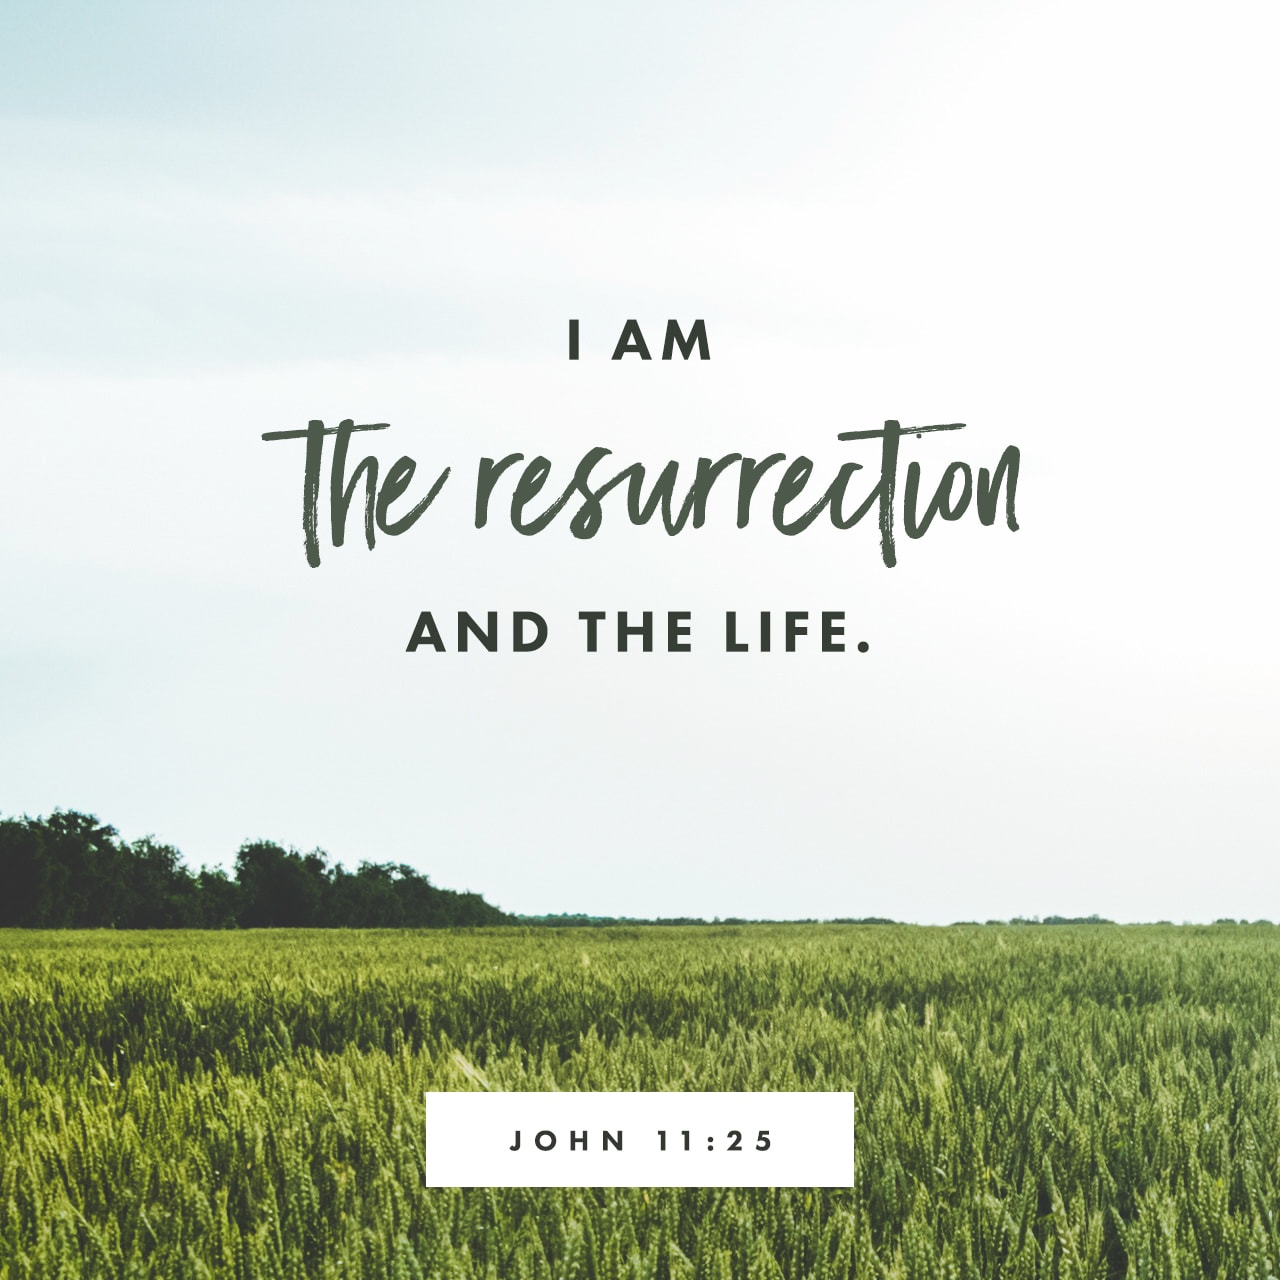 John 11:25 NIV